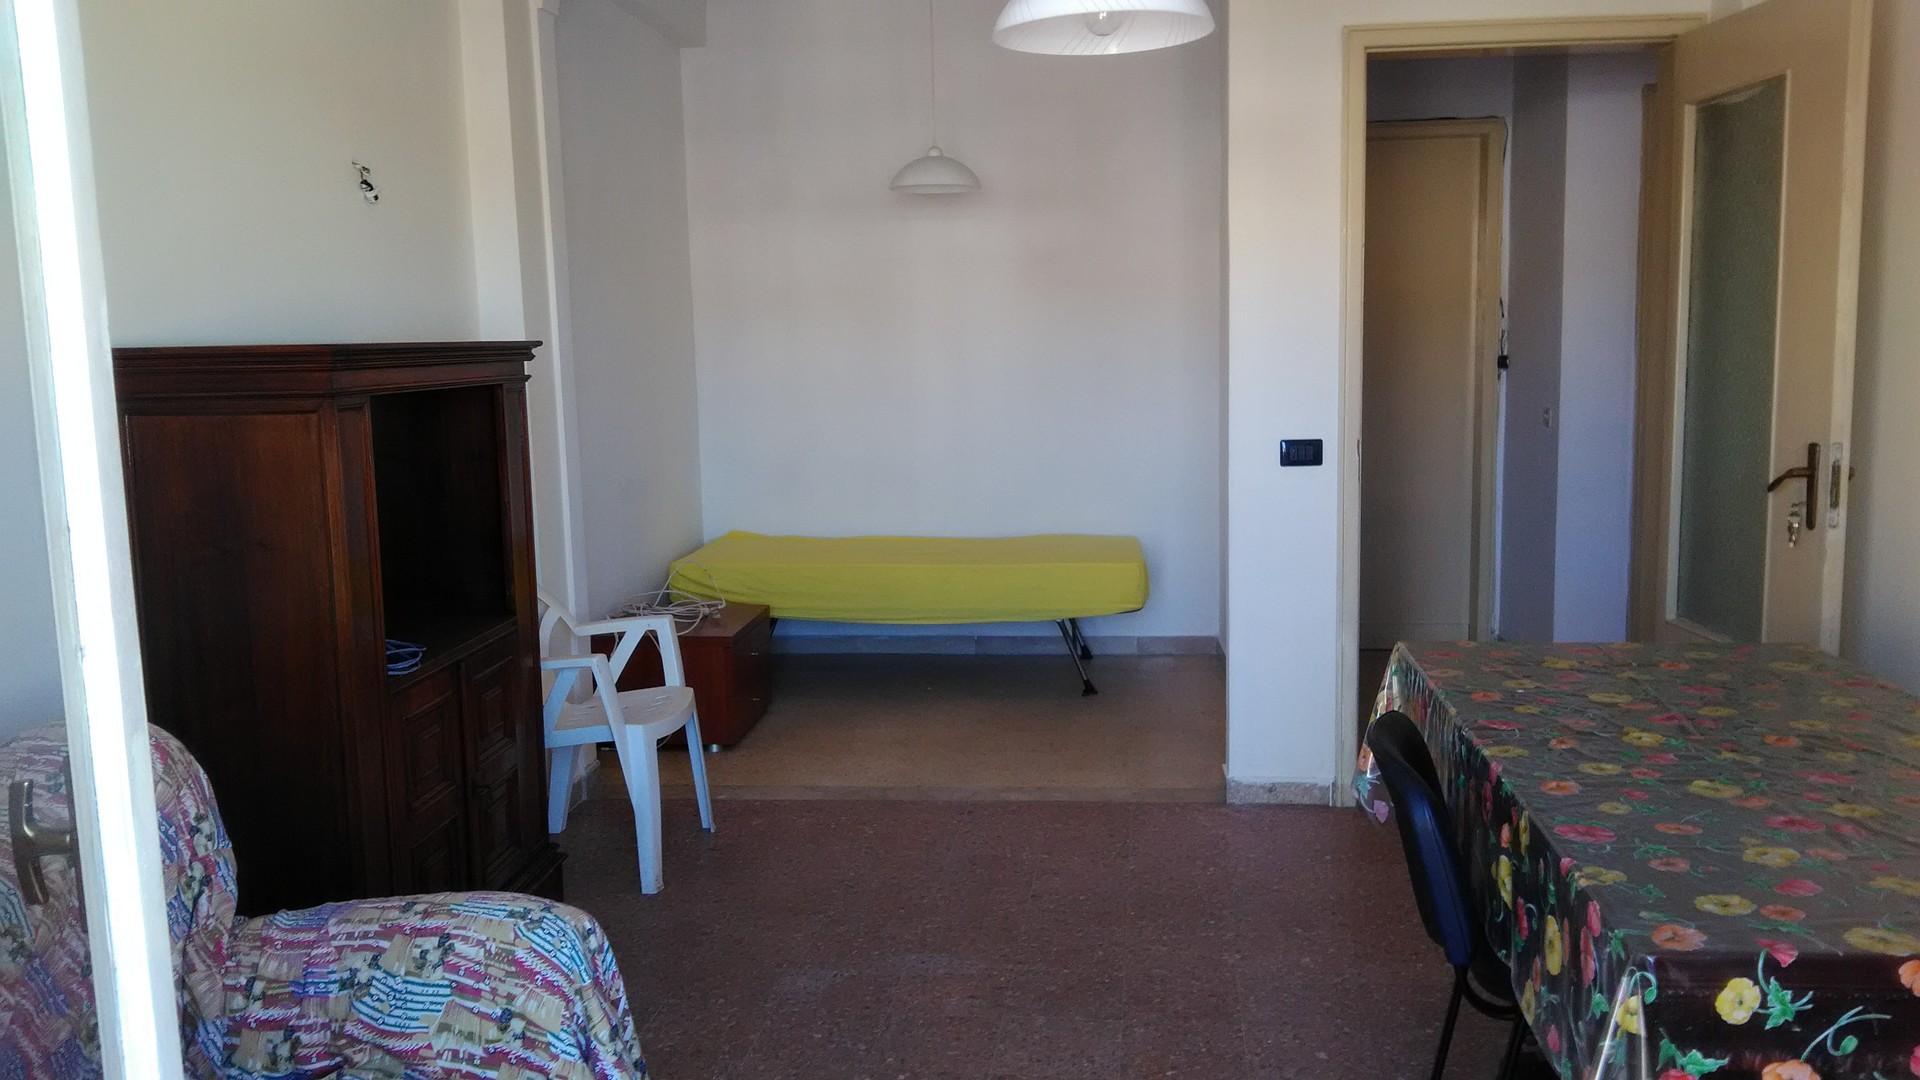 Affitto 2 stanze arredate centro storico